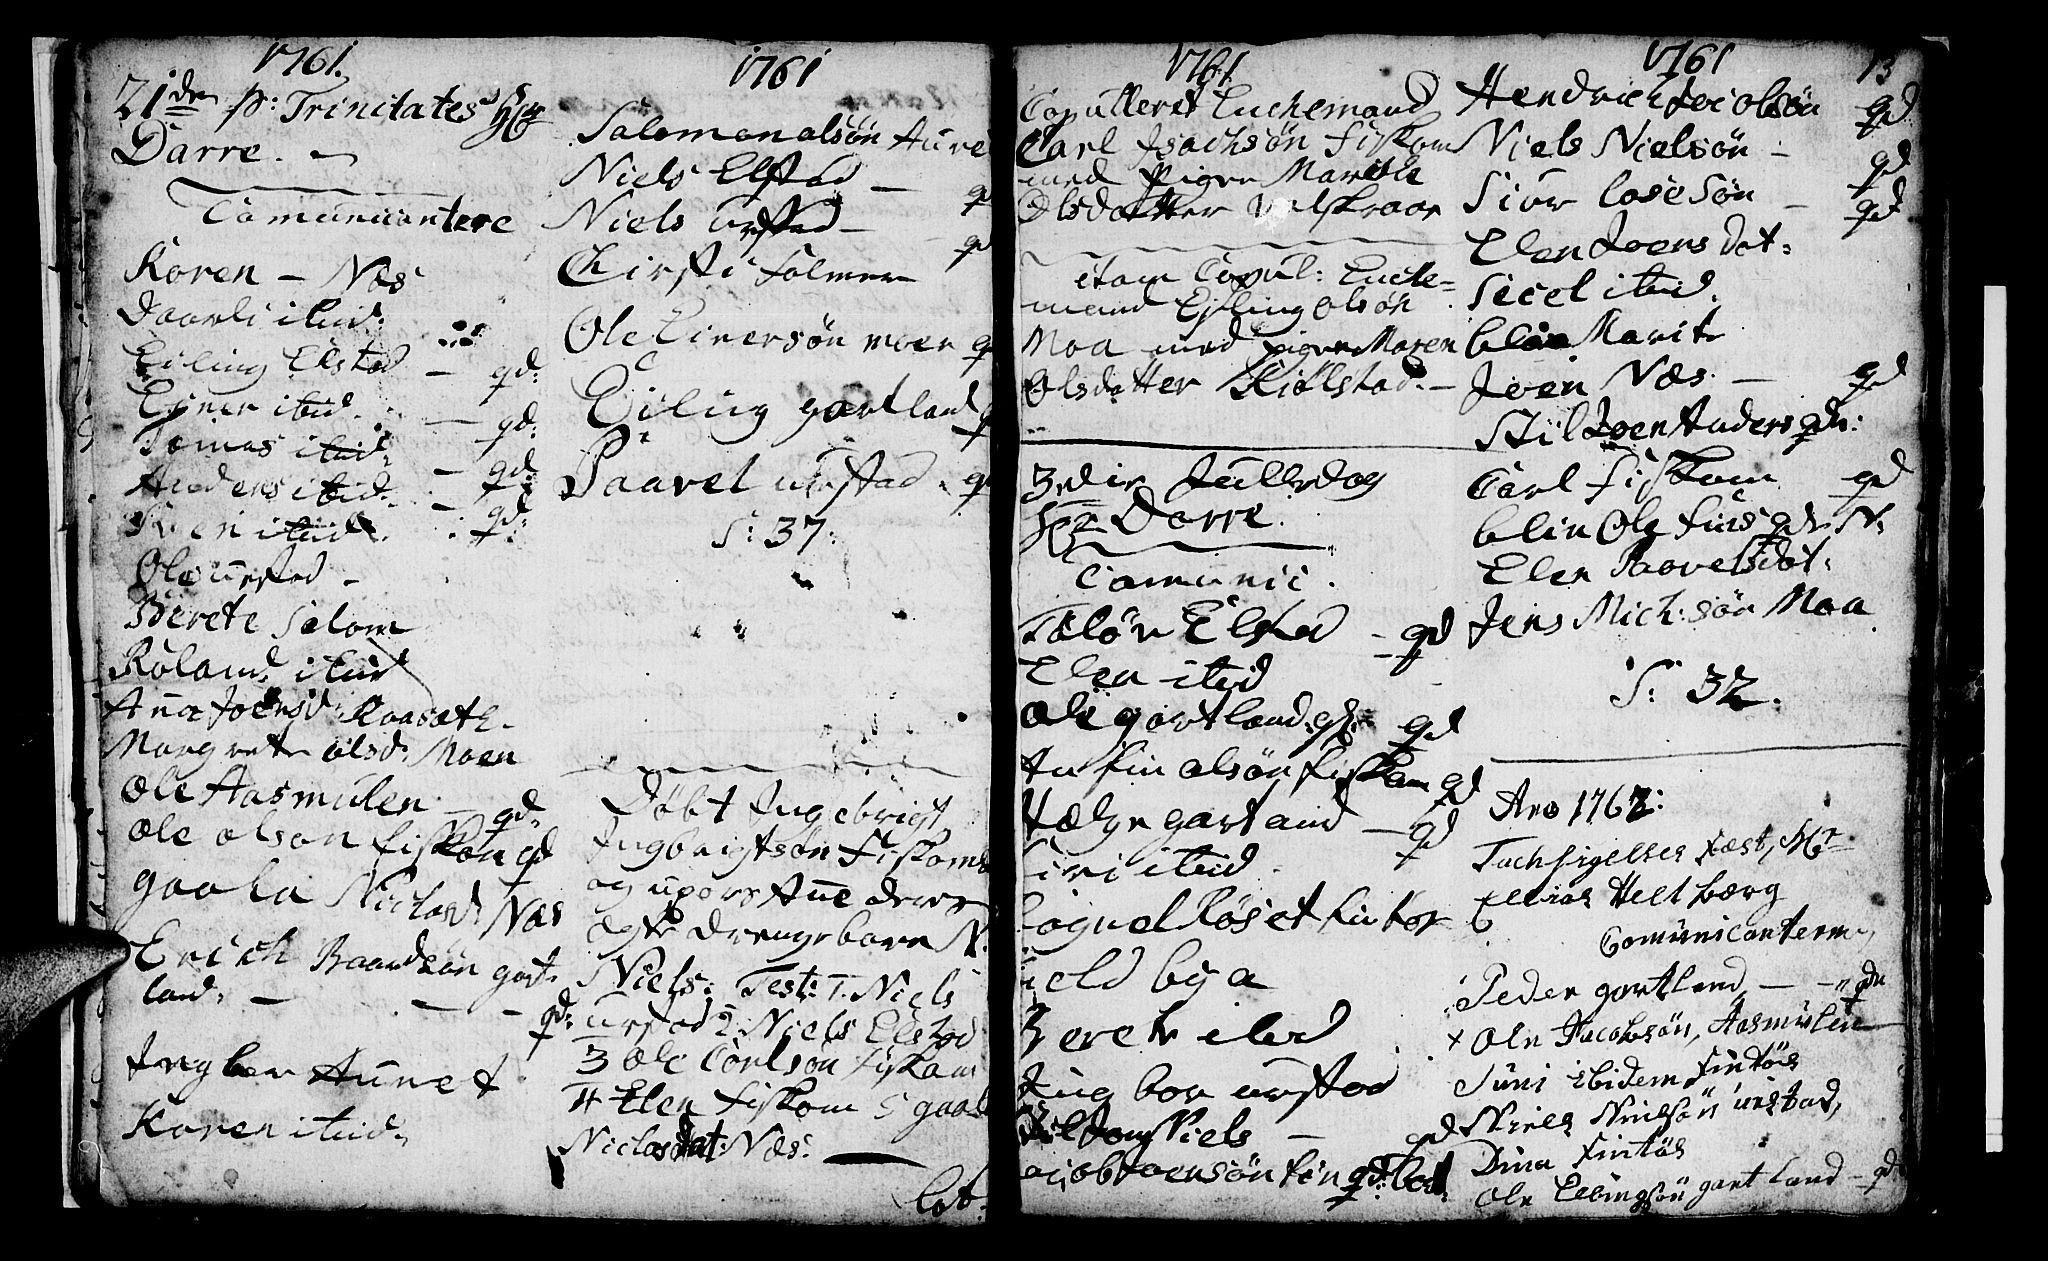 SAT, Ministerialprotokoller, klokkerbøker og fødselsregistre - Nord-Trøndelag, 759/L0526: Ministerialbok nr. 759A02, 1758-1765, s. 13